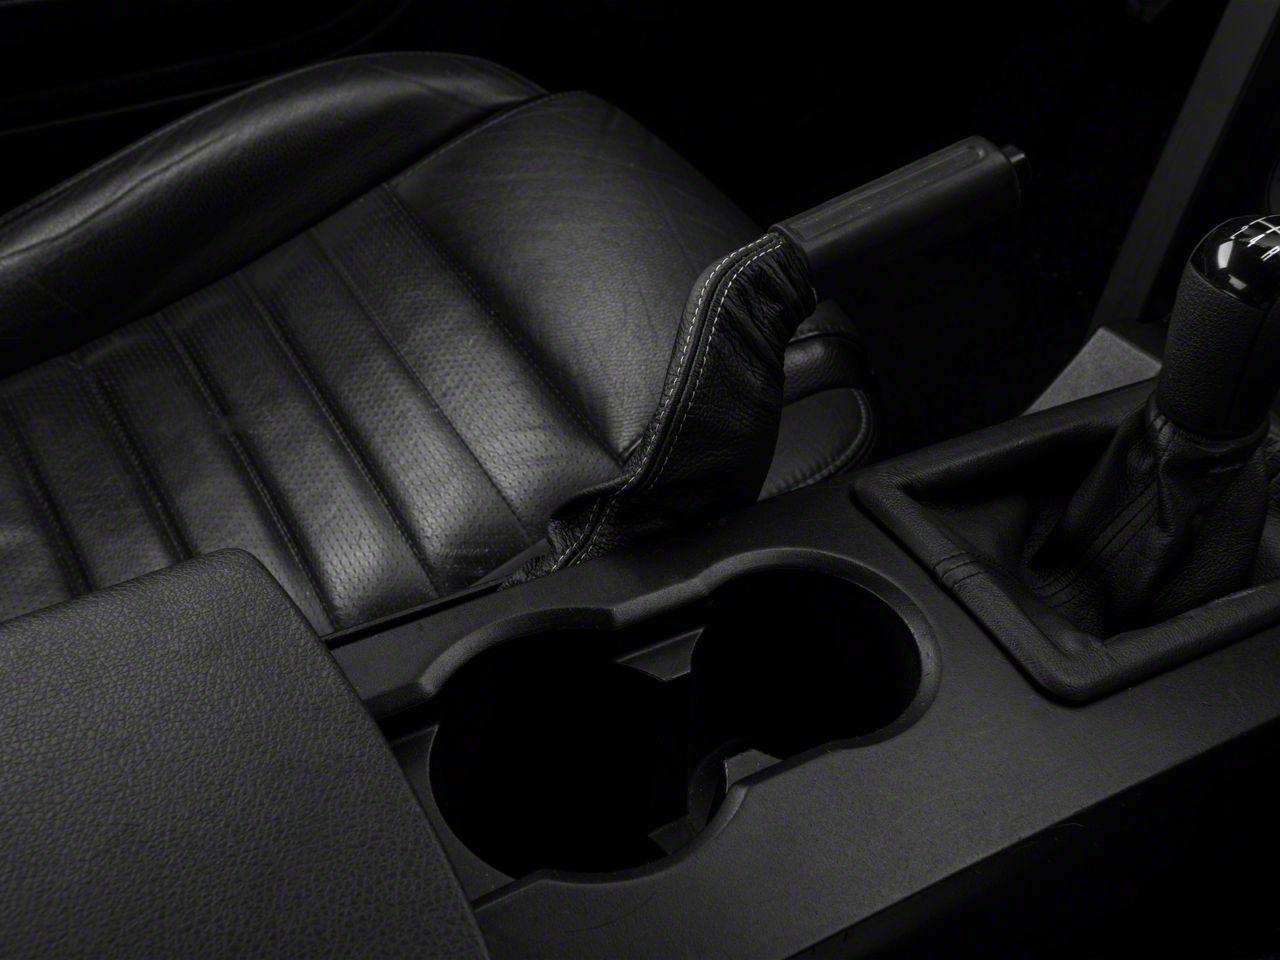 Add Premium Black Leather E-Brake Boot - Silver Stitch (05-09 All)